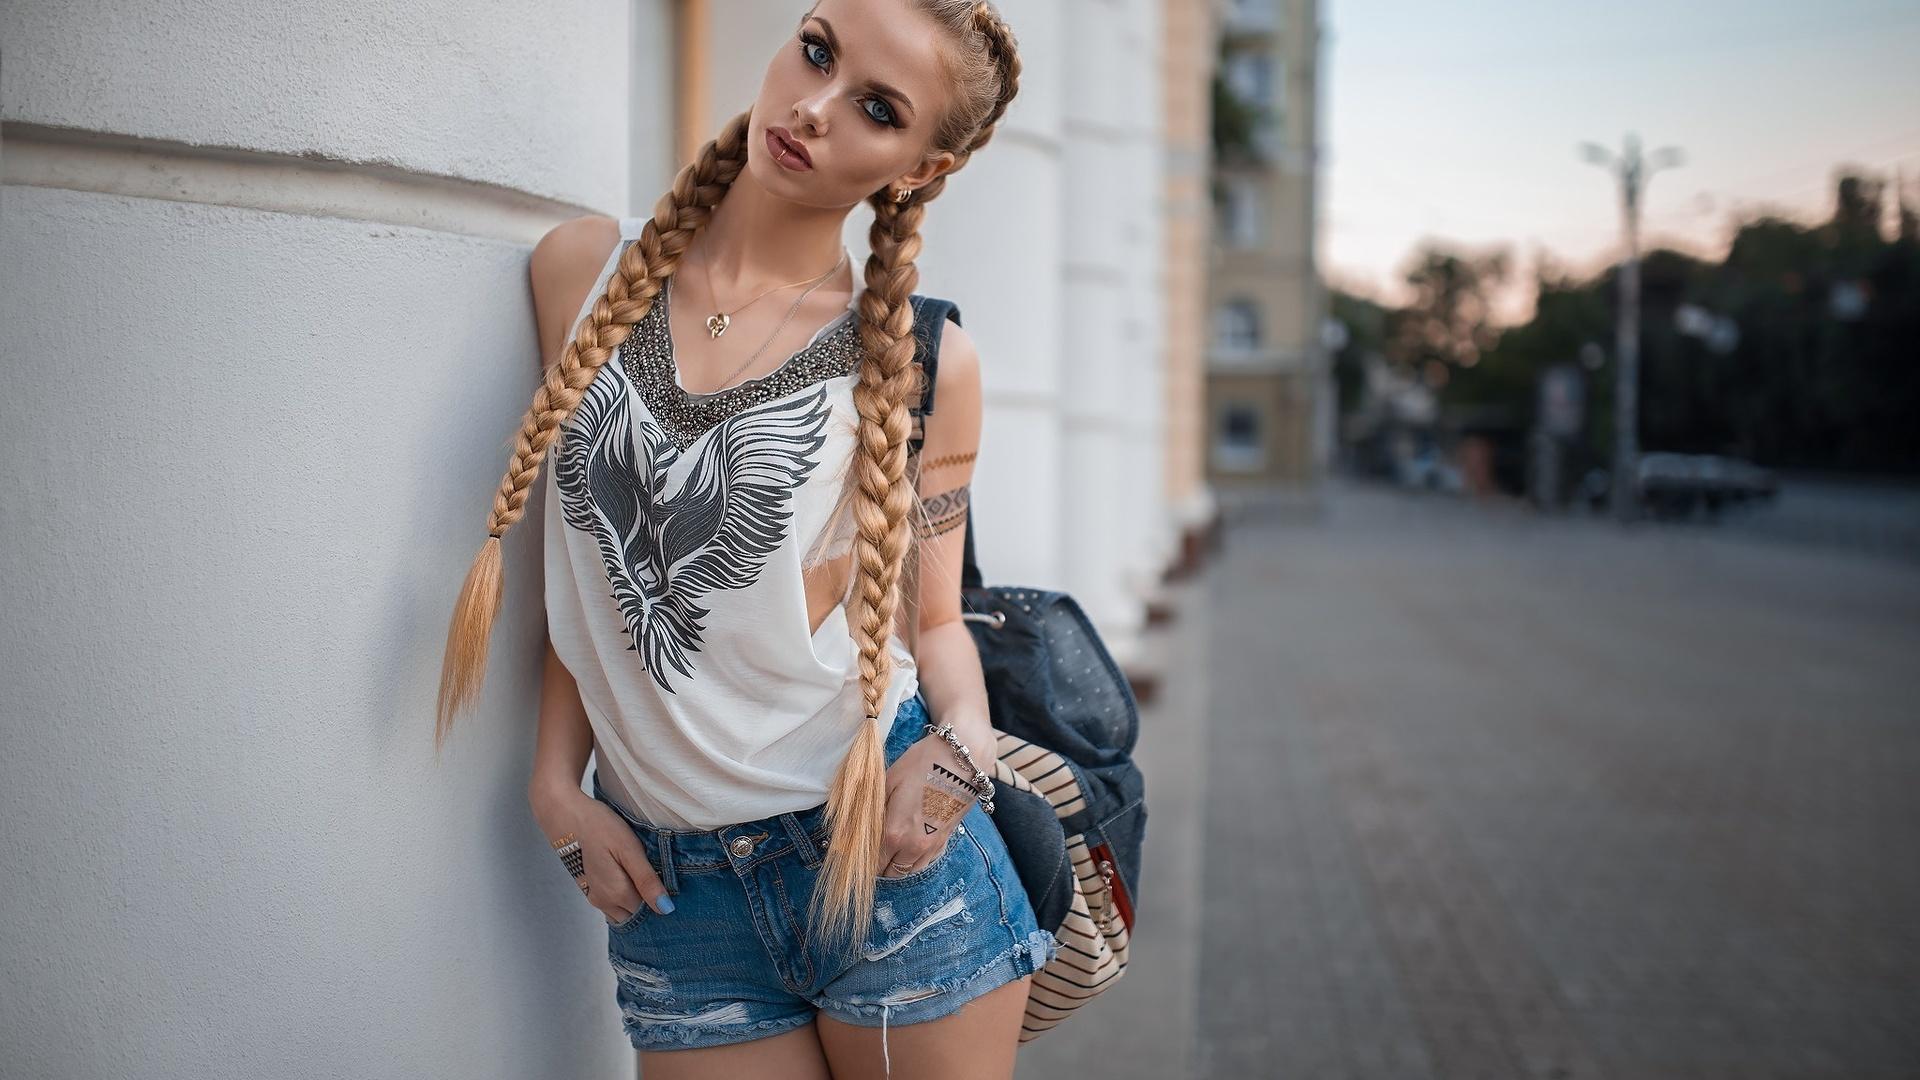 Фото девушек блондинок в шортиках